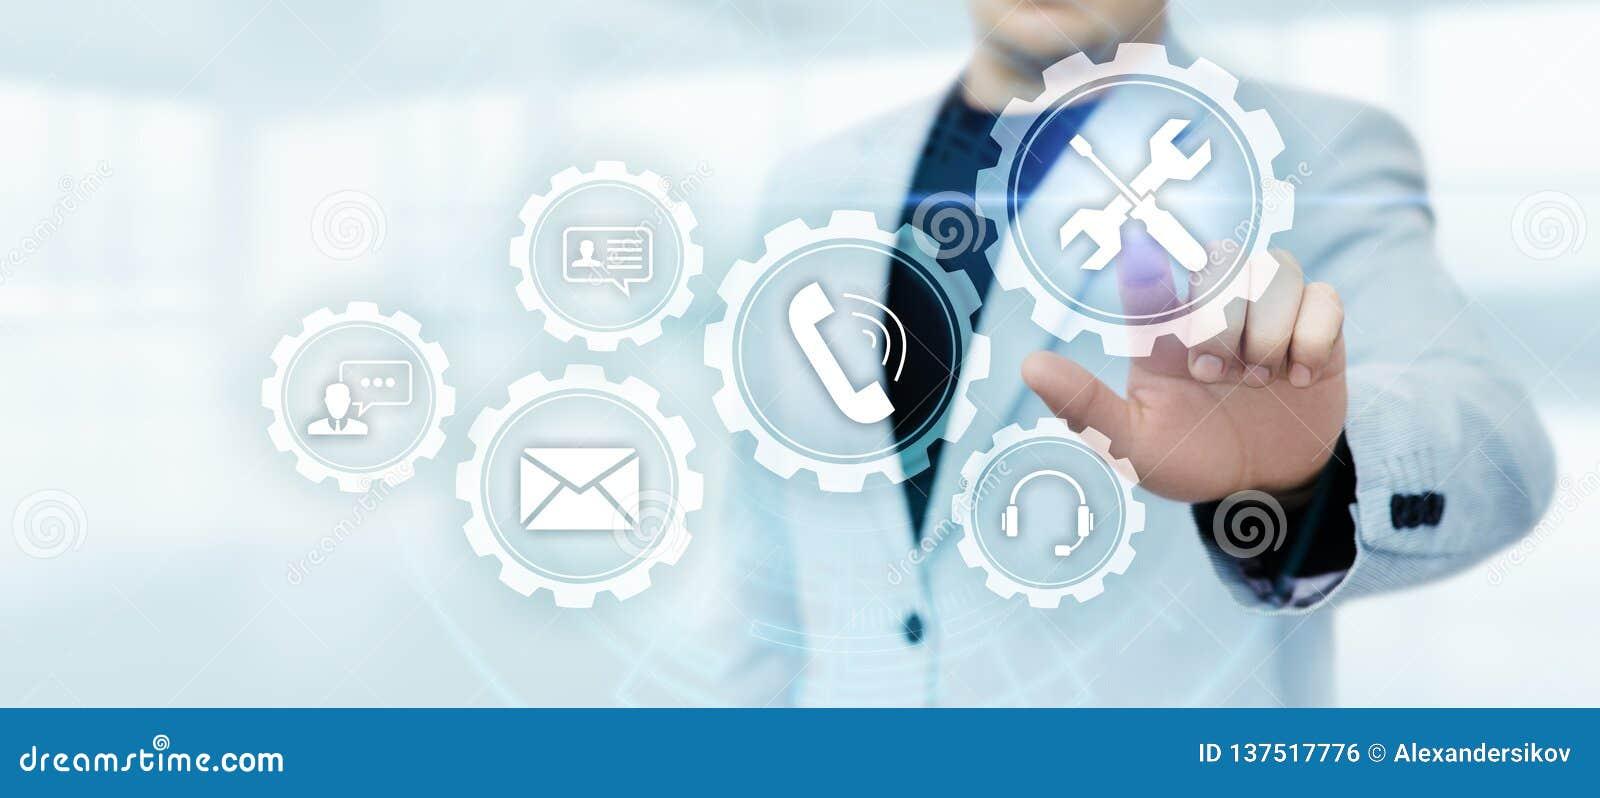 För kundtjänstaffär för teknisk service begrepp för internet för teknologi